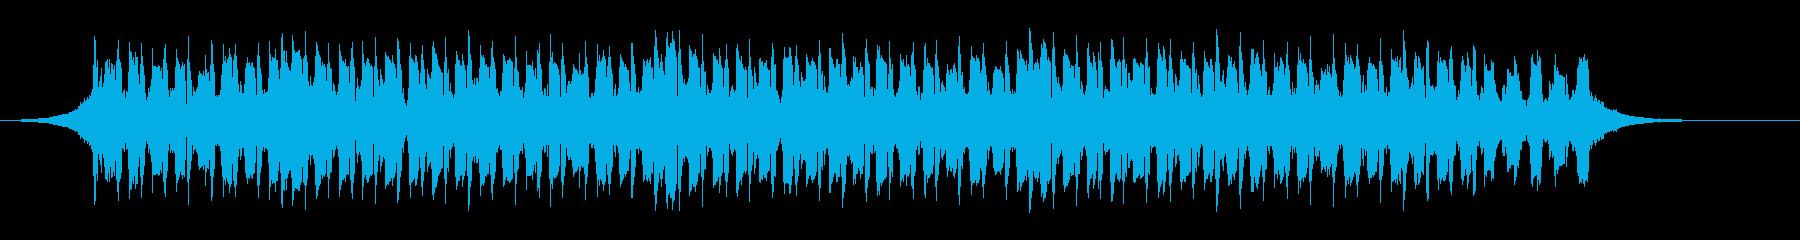 健康テクノロジー(42秒)の再生済みの波形